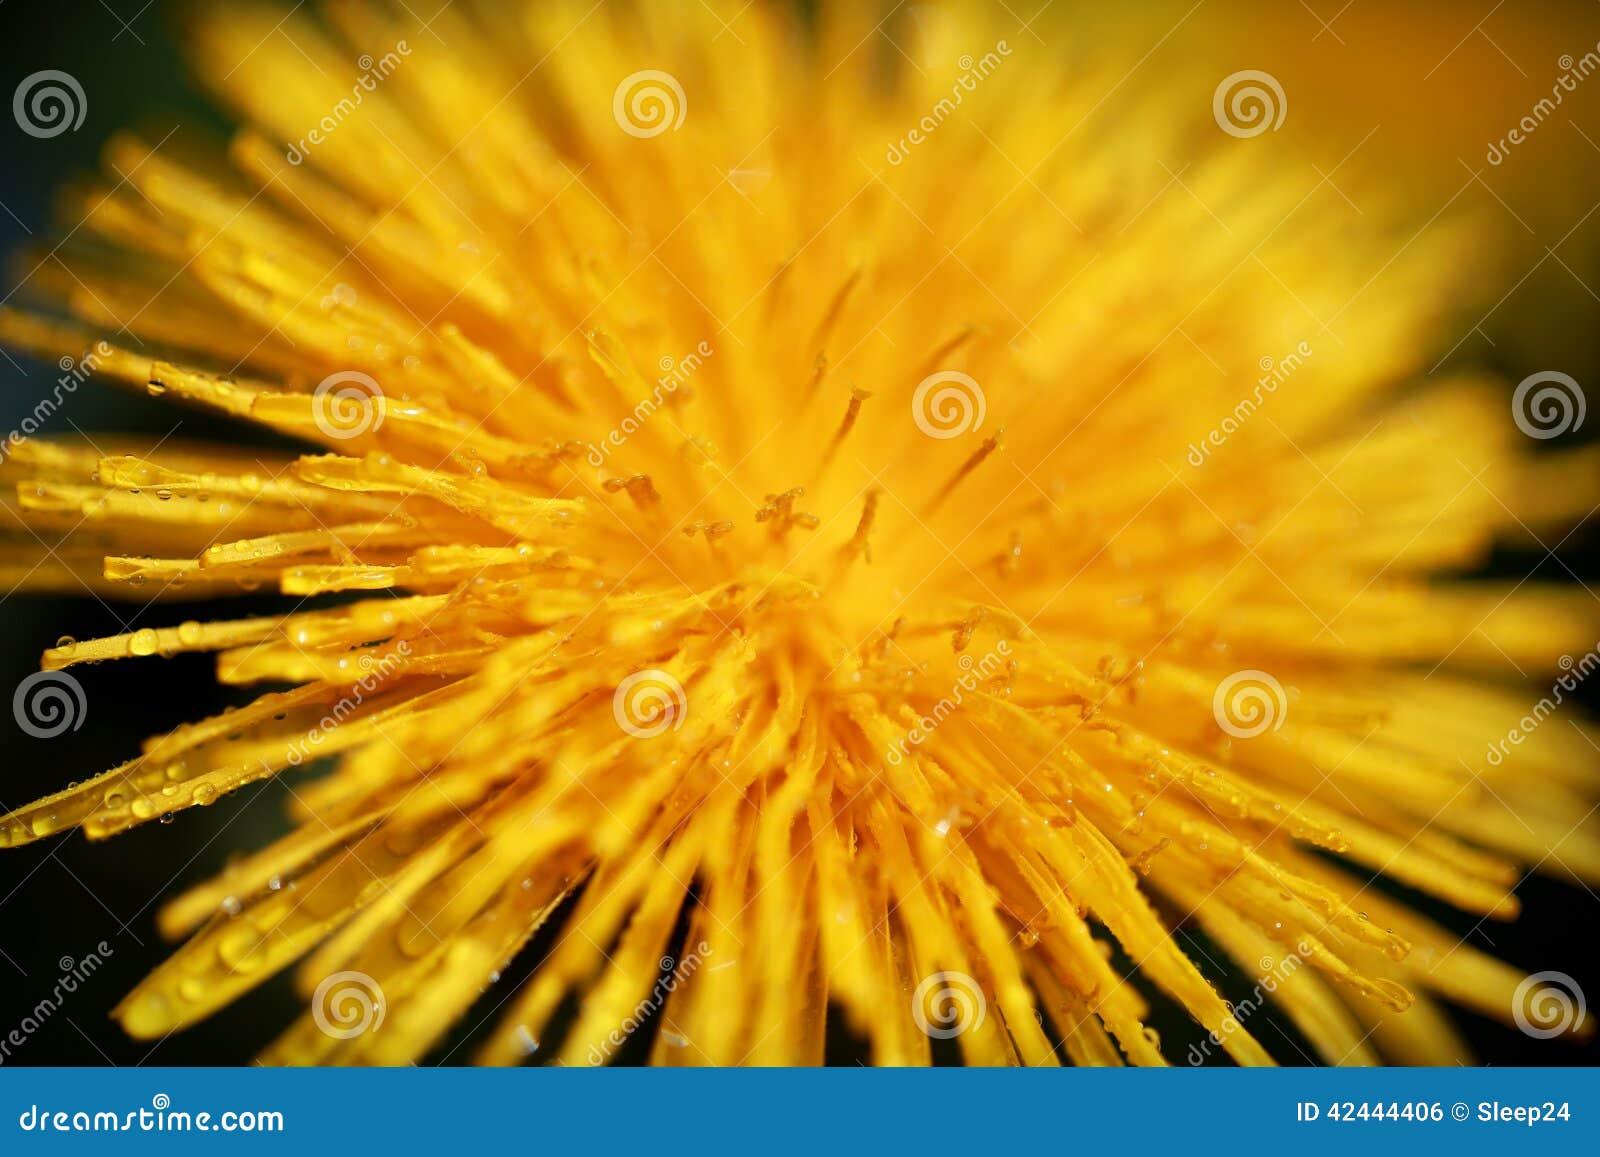 Flor amarilla con descensos de rocío, suma del diente de león de la primavera